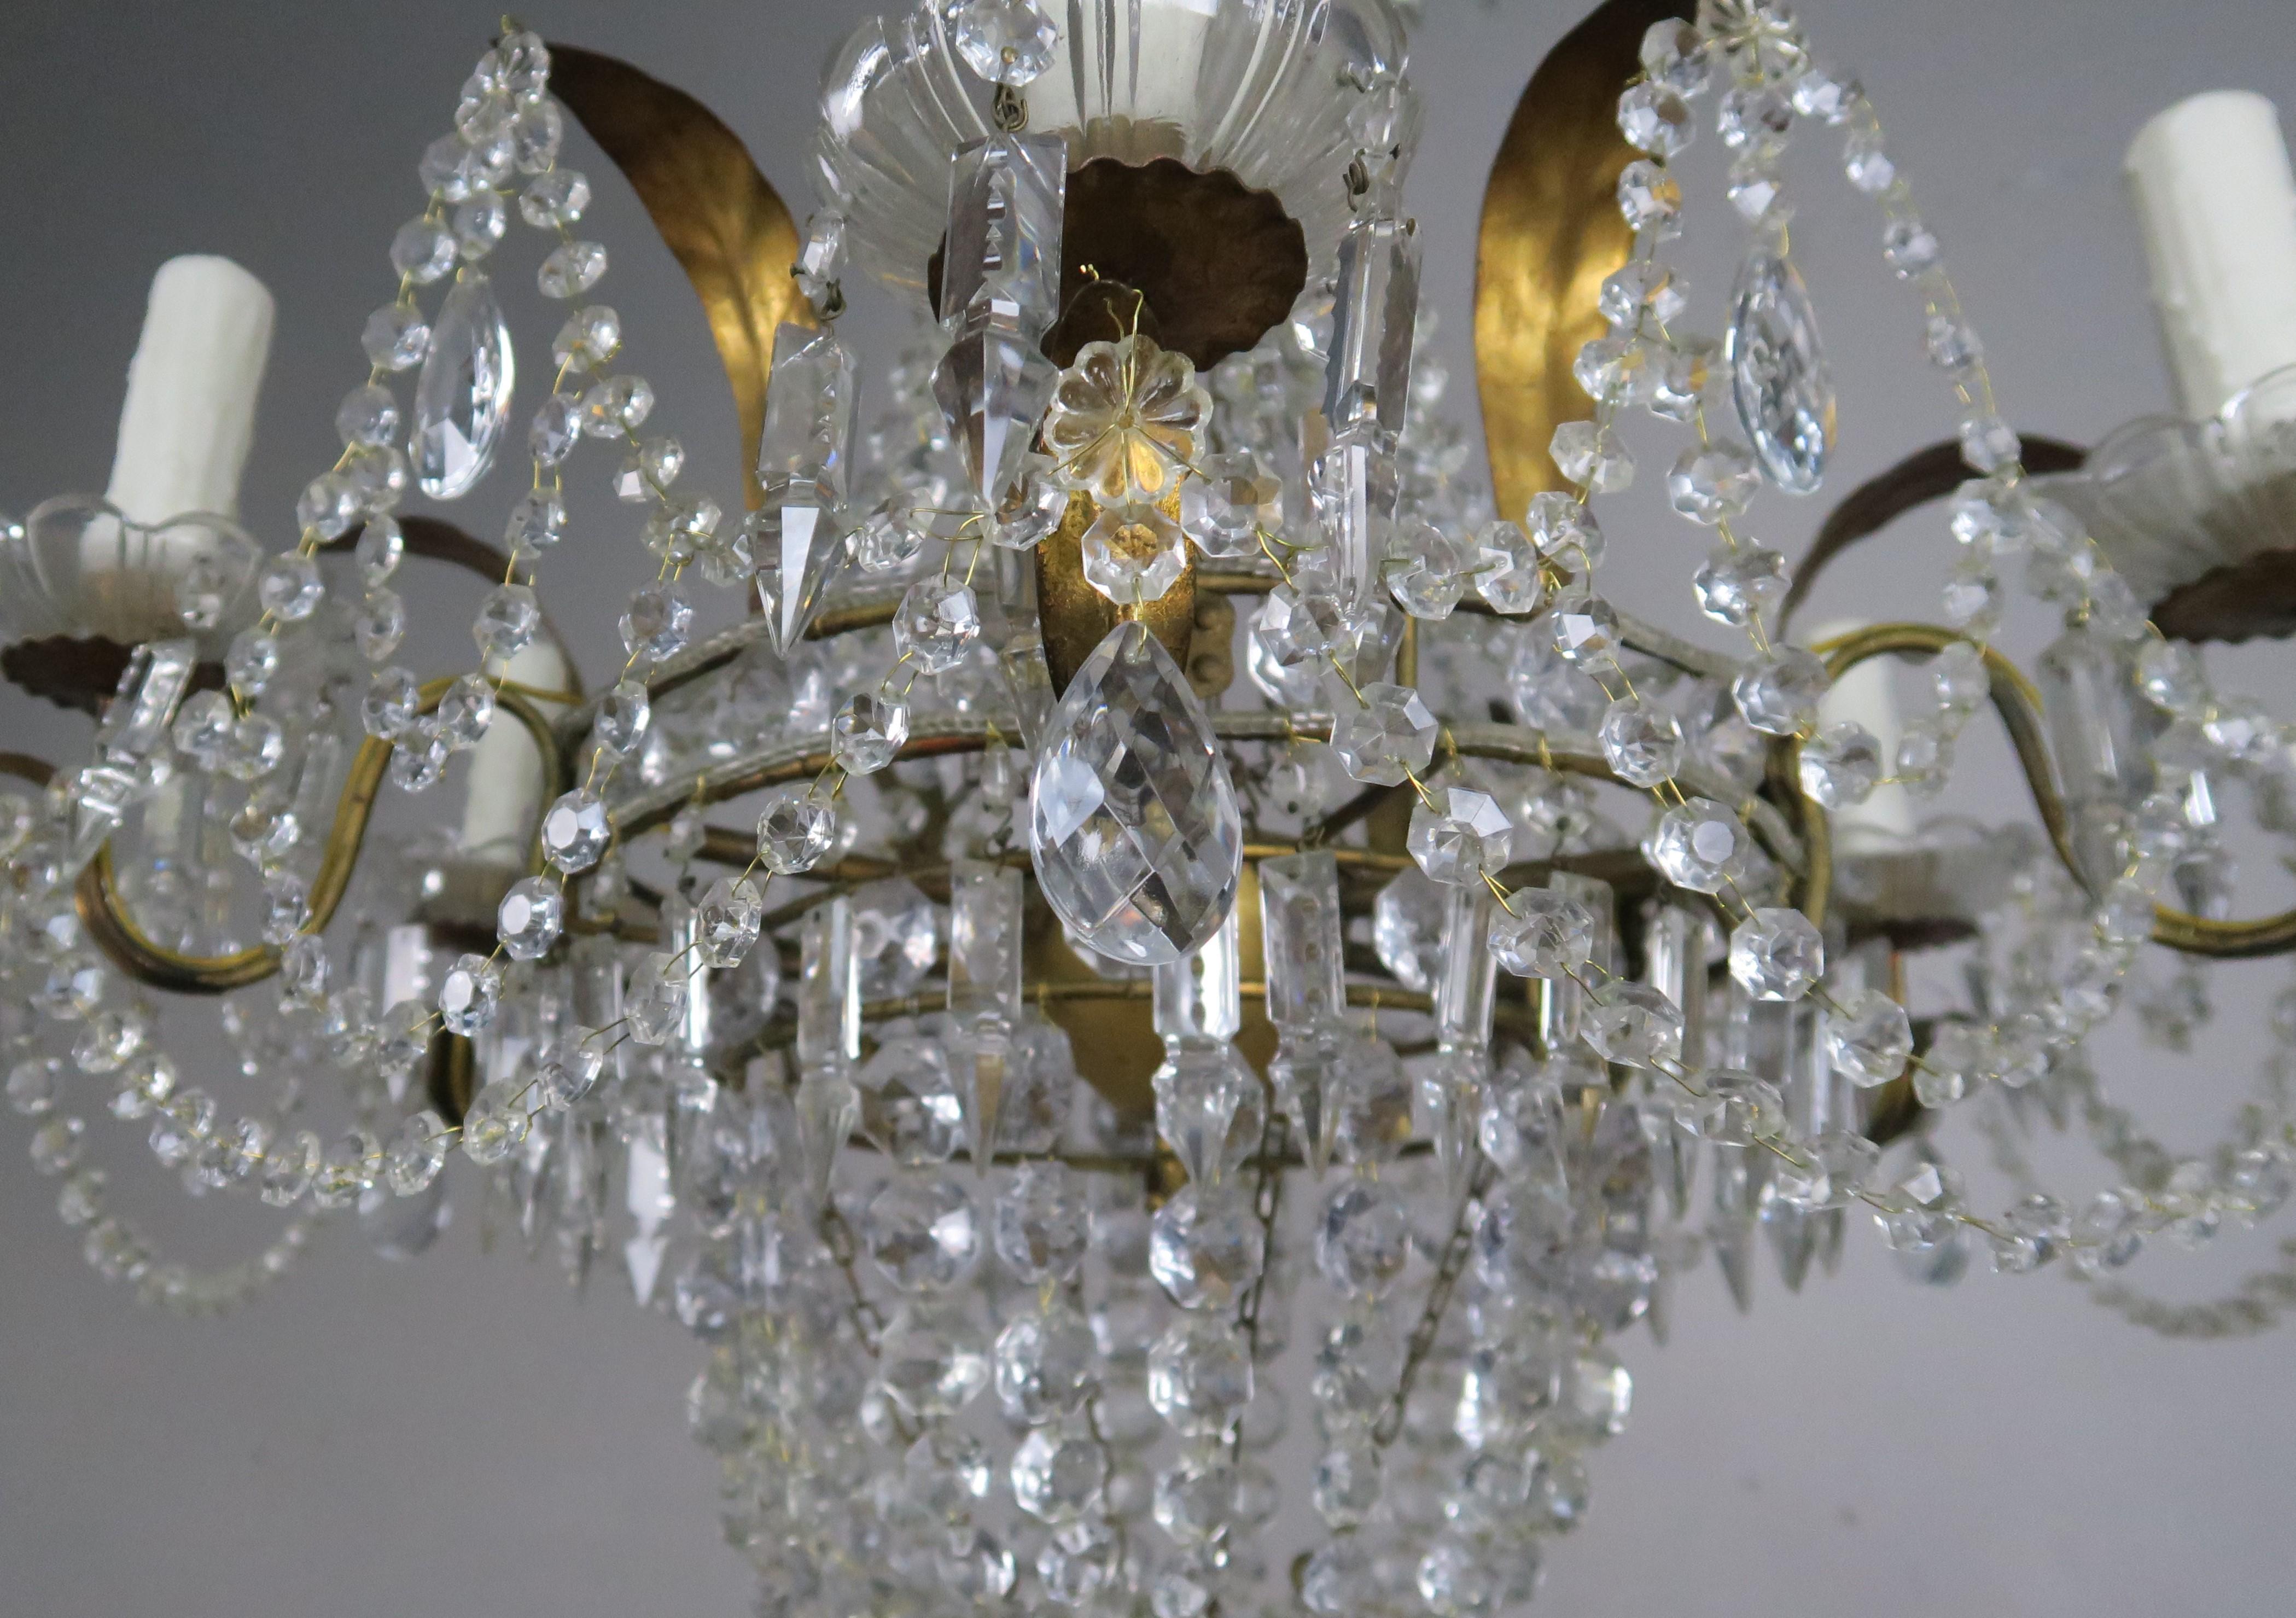 Kristall Perlen Kronleuchter ~ Sechsarmiger französischer vergoldeter metall kristall perlen